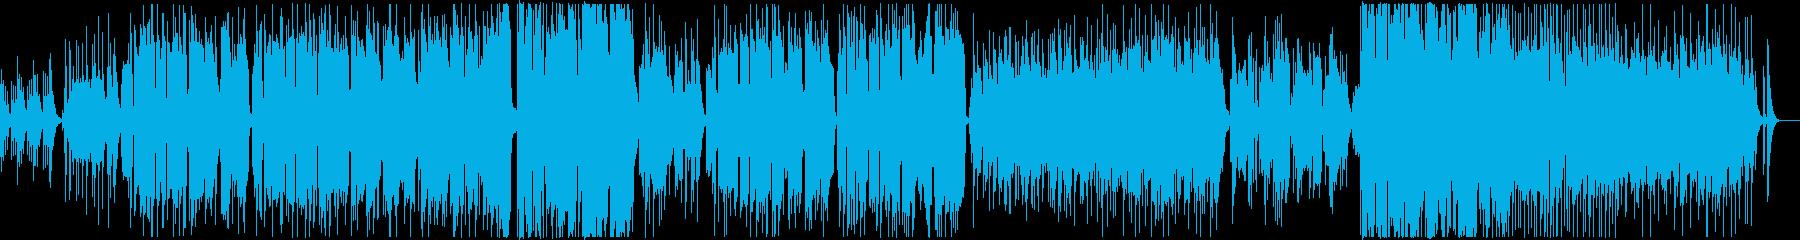 ウクレレが中心のやさしいバラードの再生済みの波形